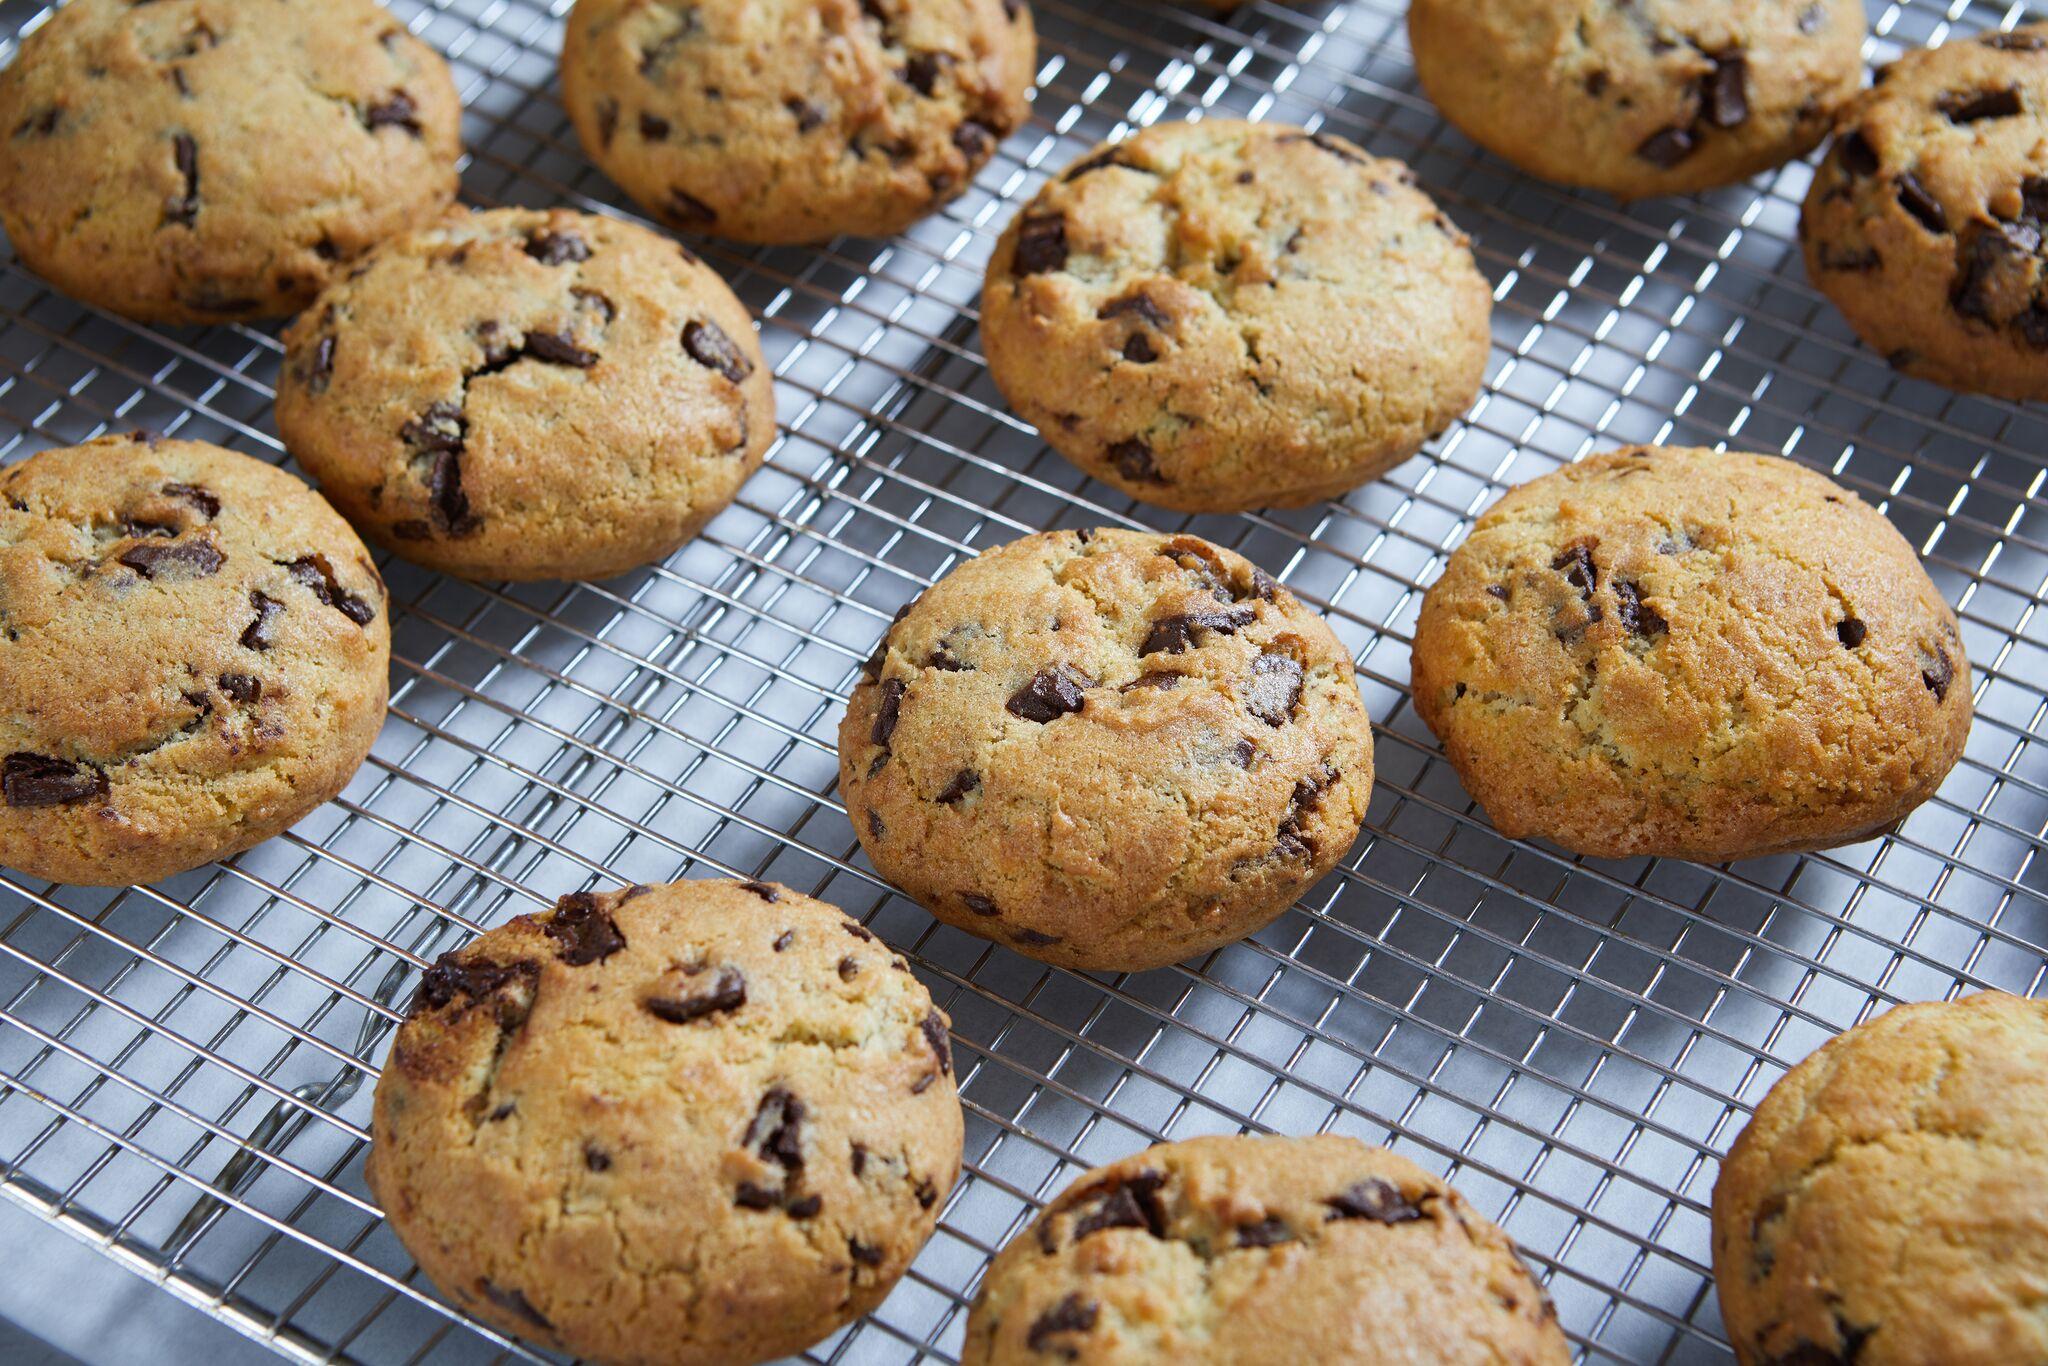 Heather Bertinetti-Rozzi's Chocolate Chunk Cookies